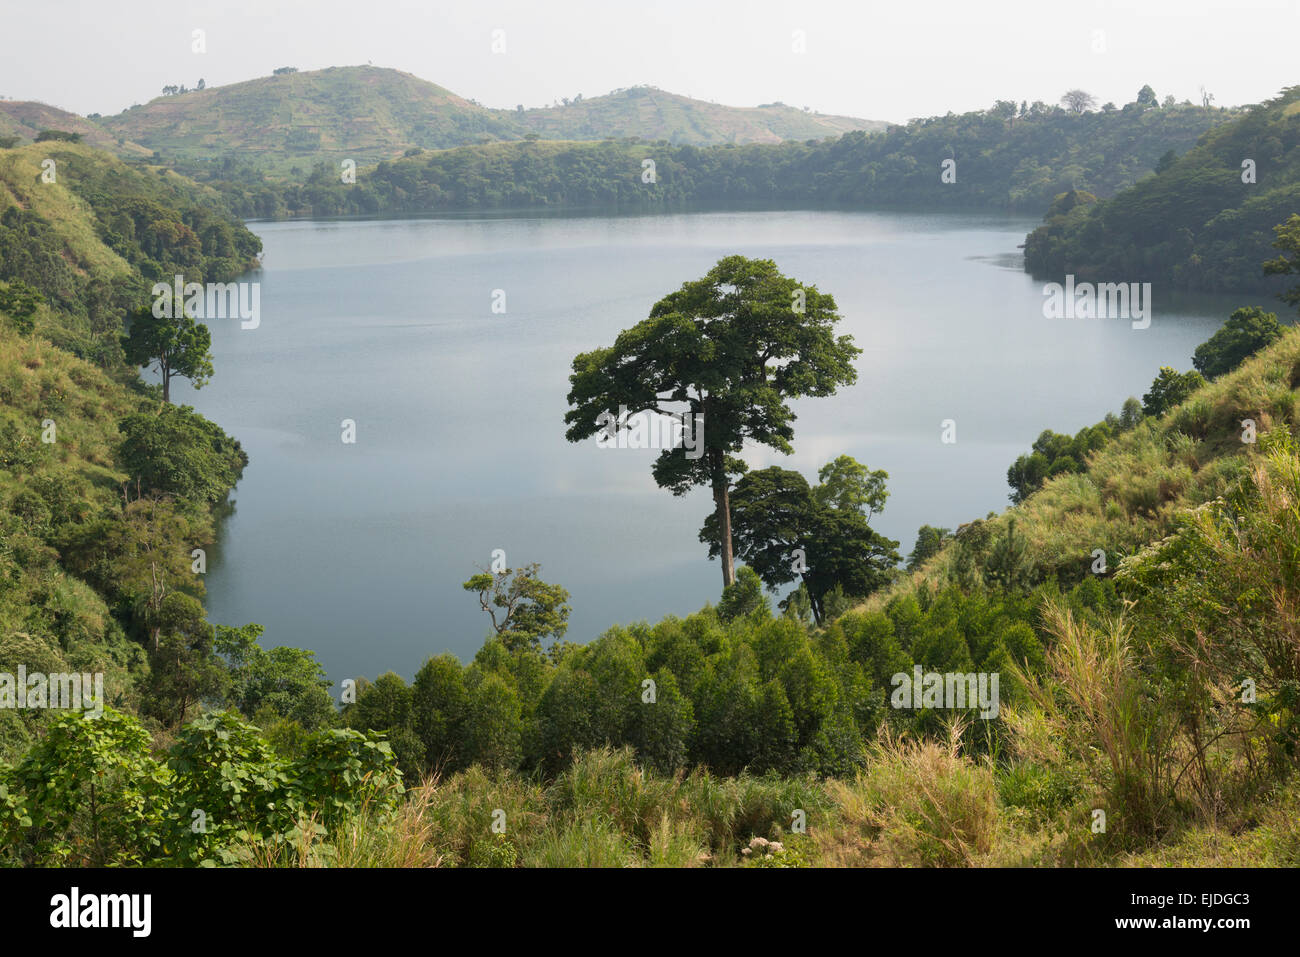 Los lagos de los cráteres. Fort Portale zona. Uganda. Imagen De Stock